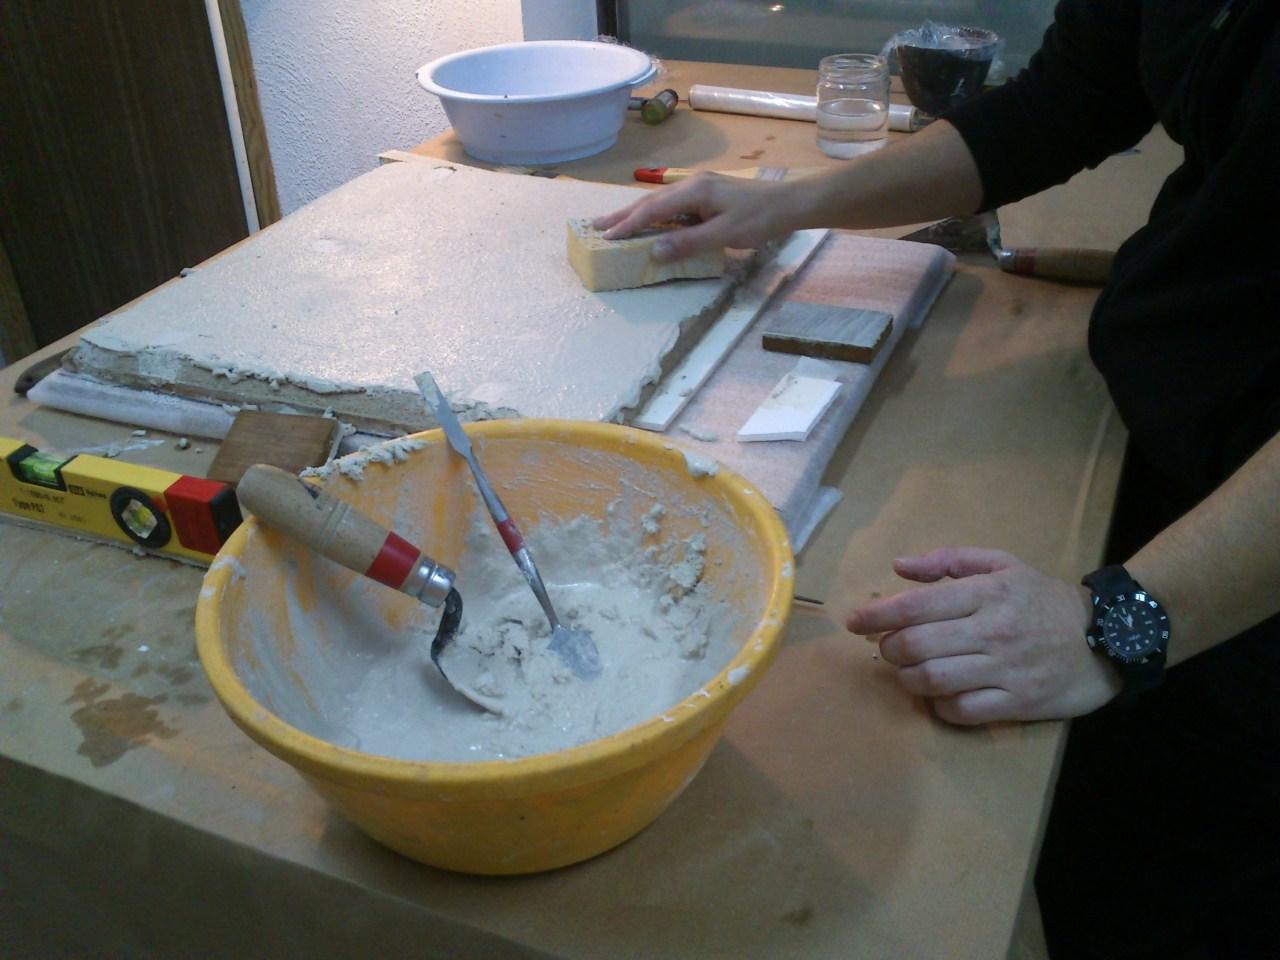 Preparació de la planxa de suport pel plafó ceràmic de la Font Rúbia. Foto: Núria Piqué.